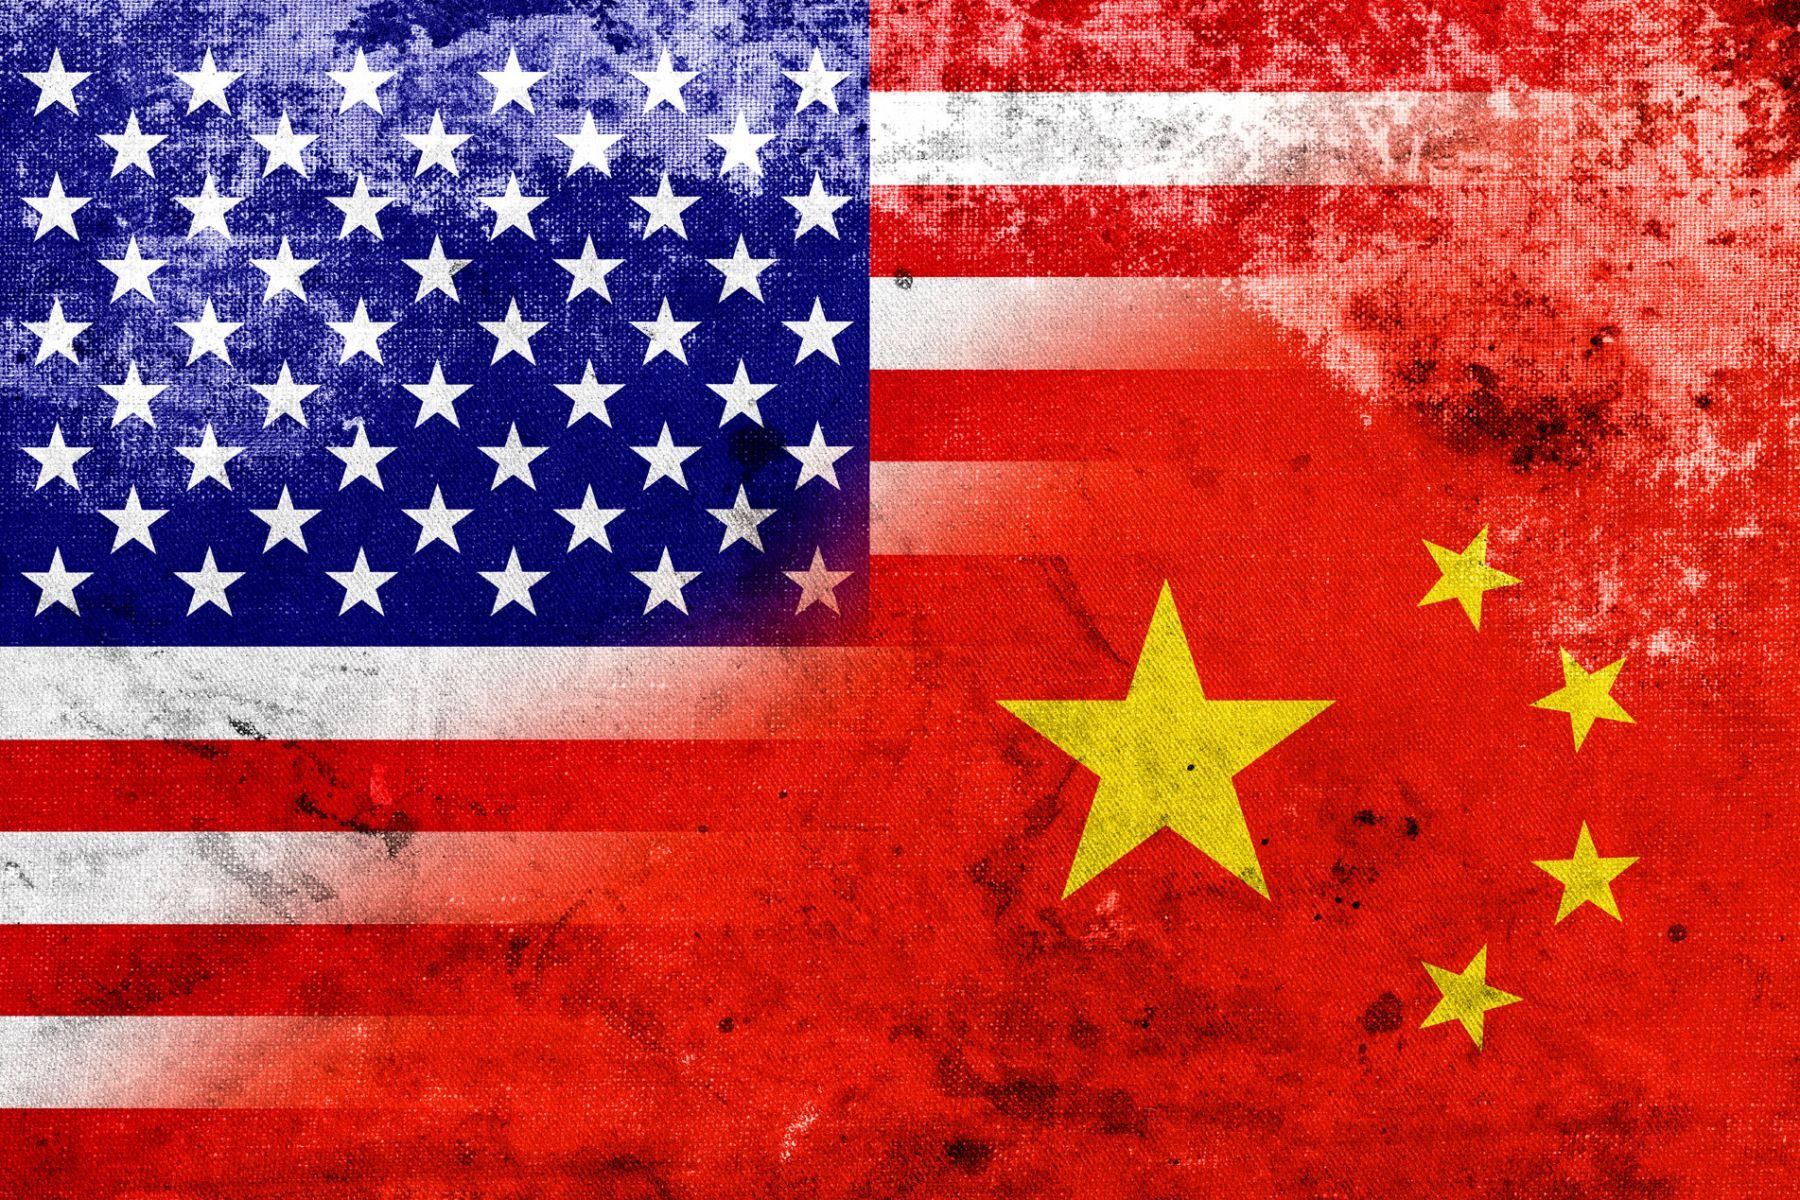 中美角力衝擊台韓半導體?過度解讀政治效應